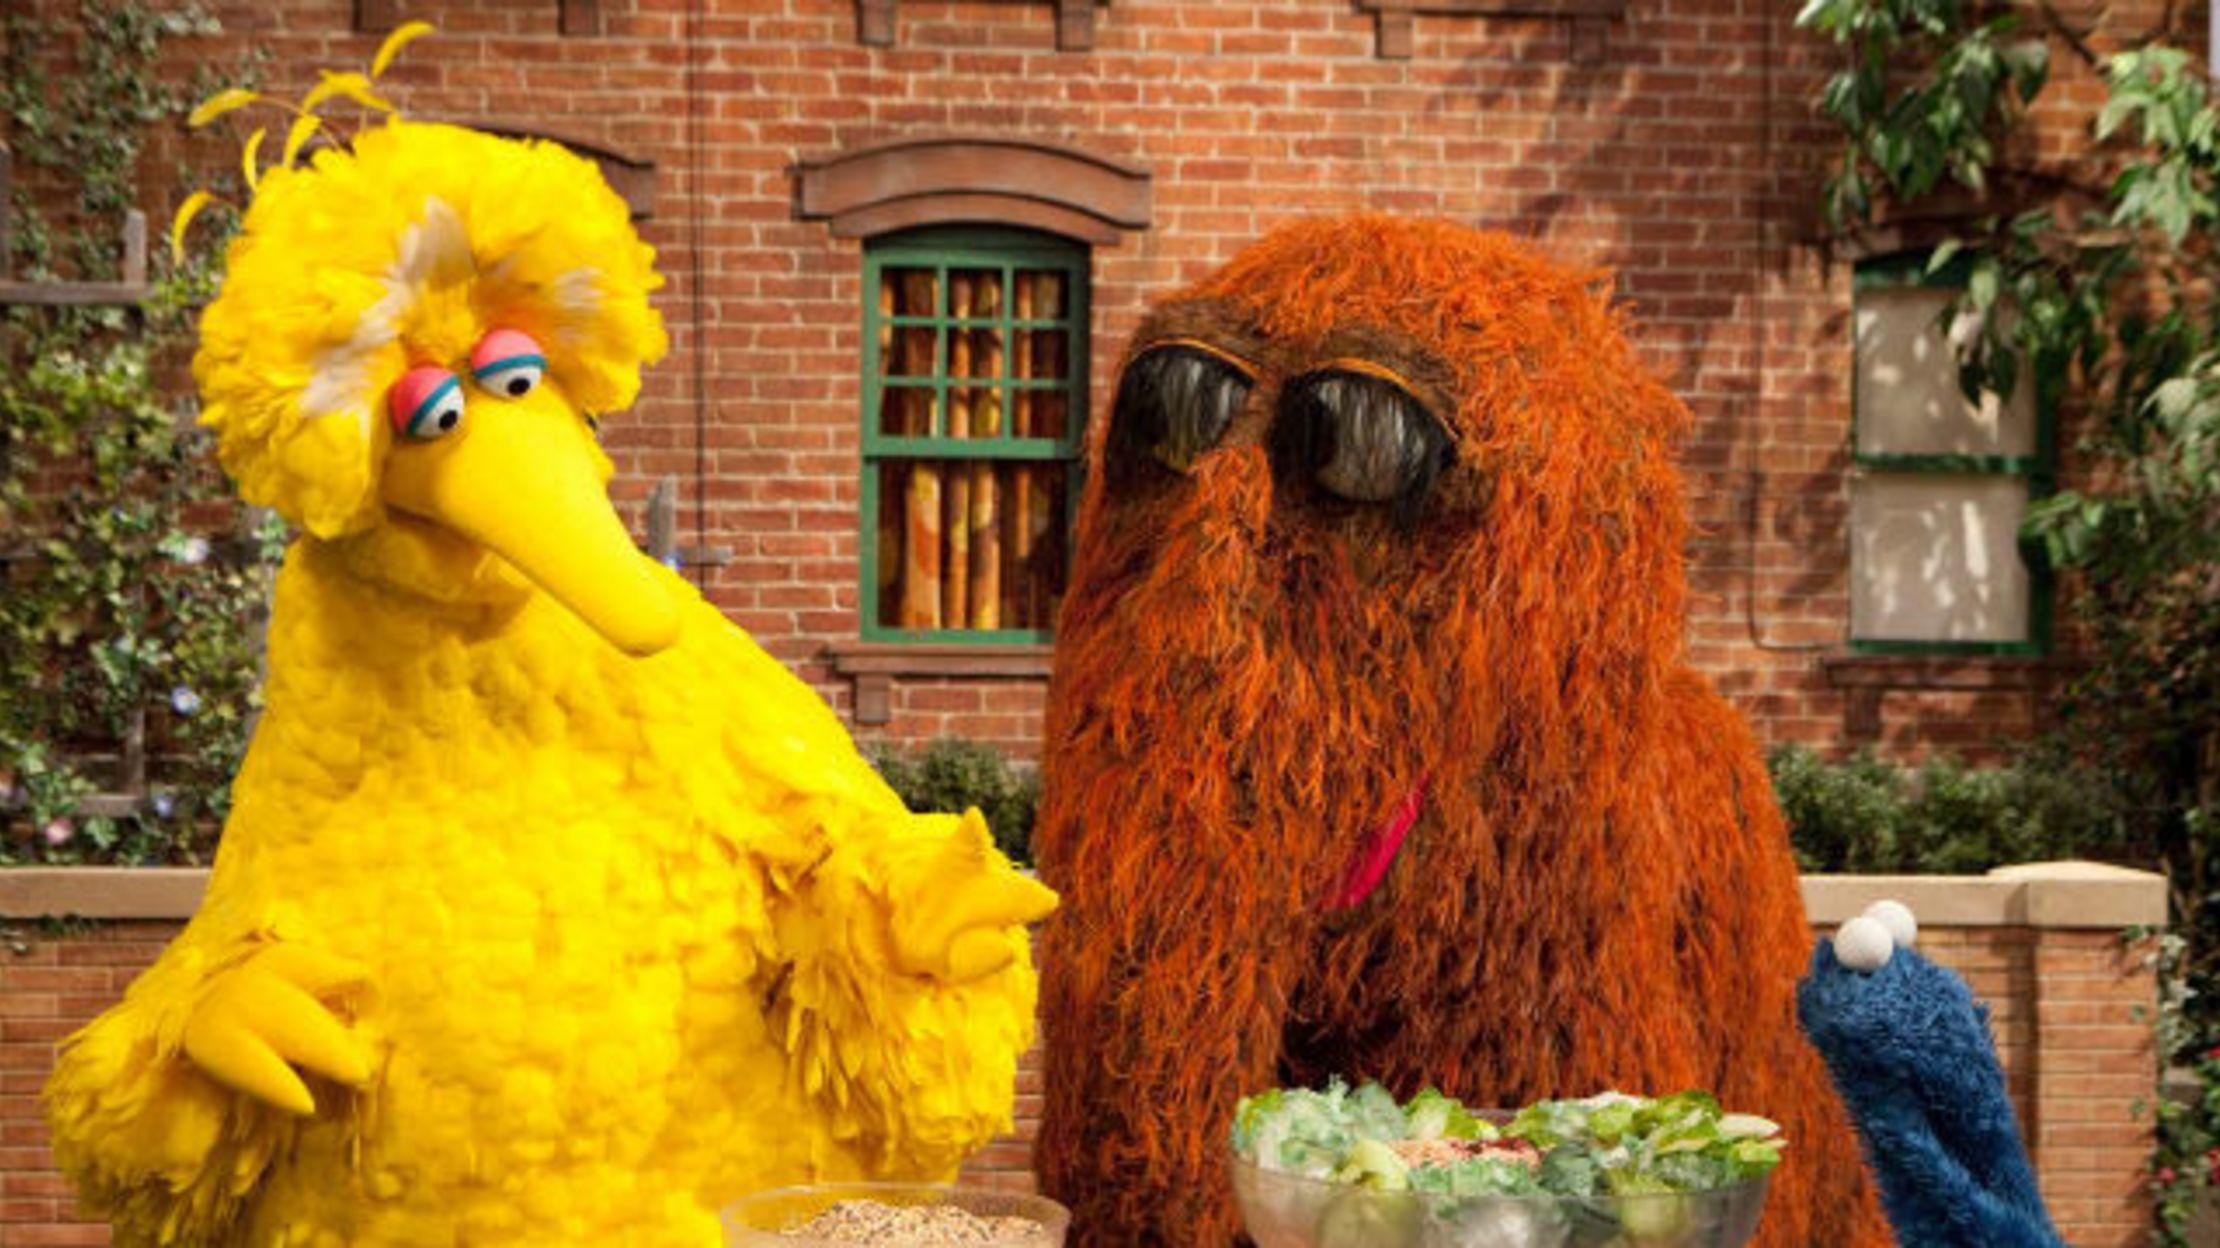 Oral History: In 1985 Snuffy Shocked <em>Sesame Street</em>